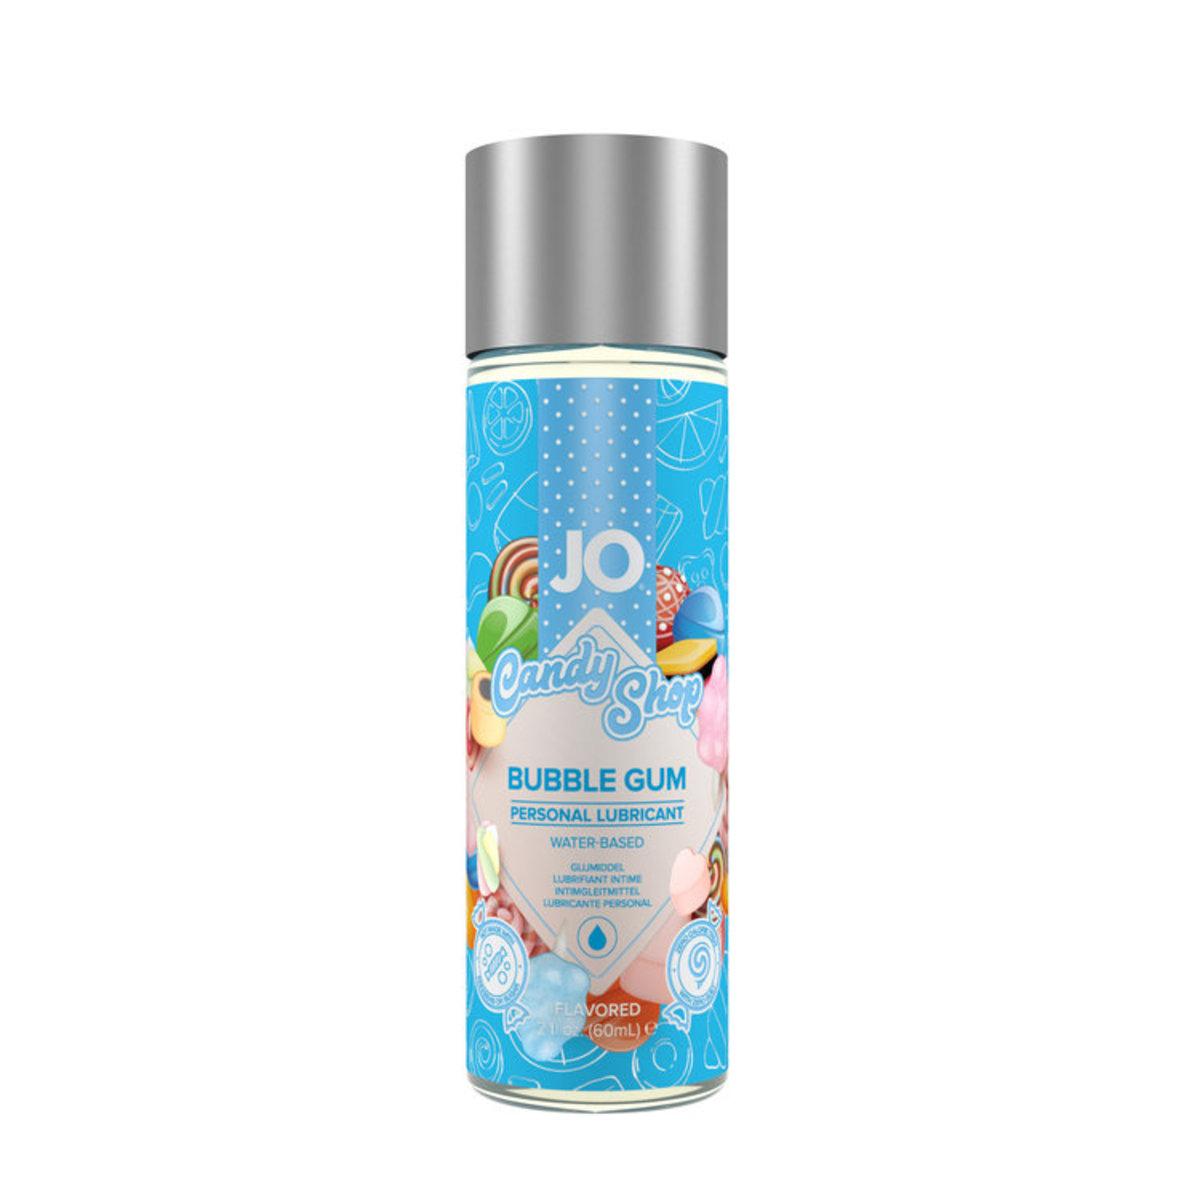 JO® H2o BUBBLE GUM 泡泡糖口味可食用潤滑劑 60ml